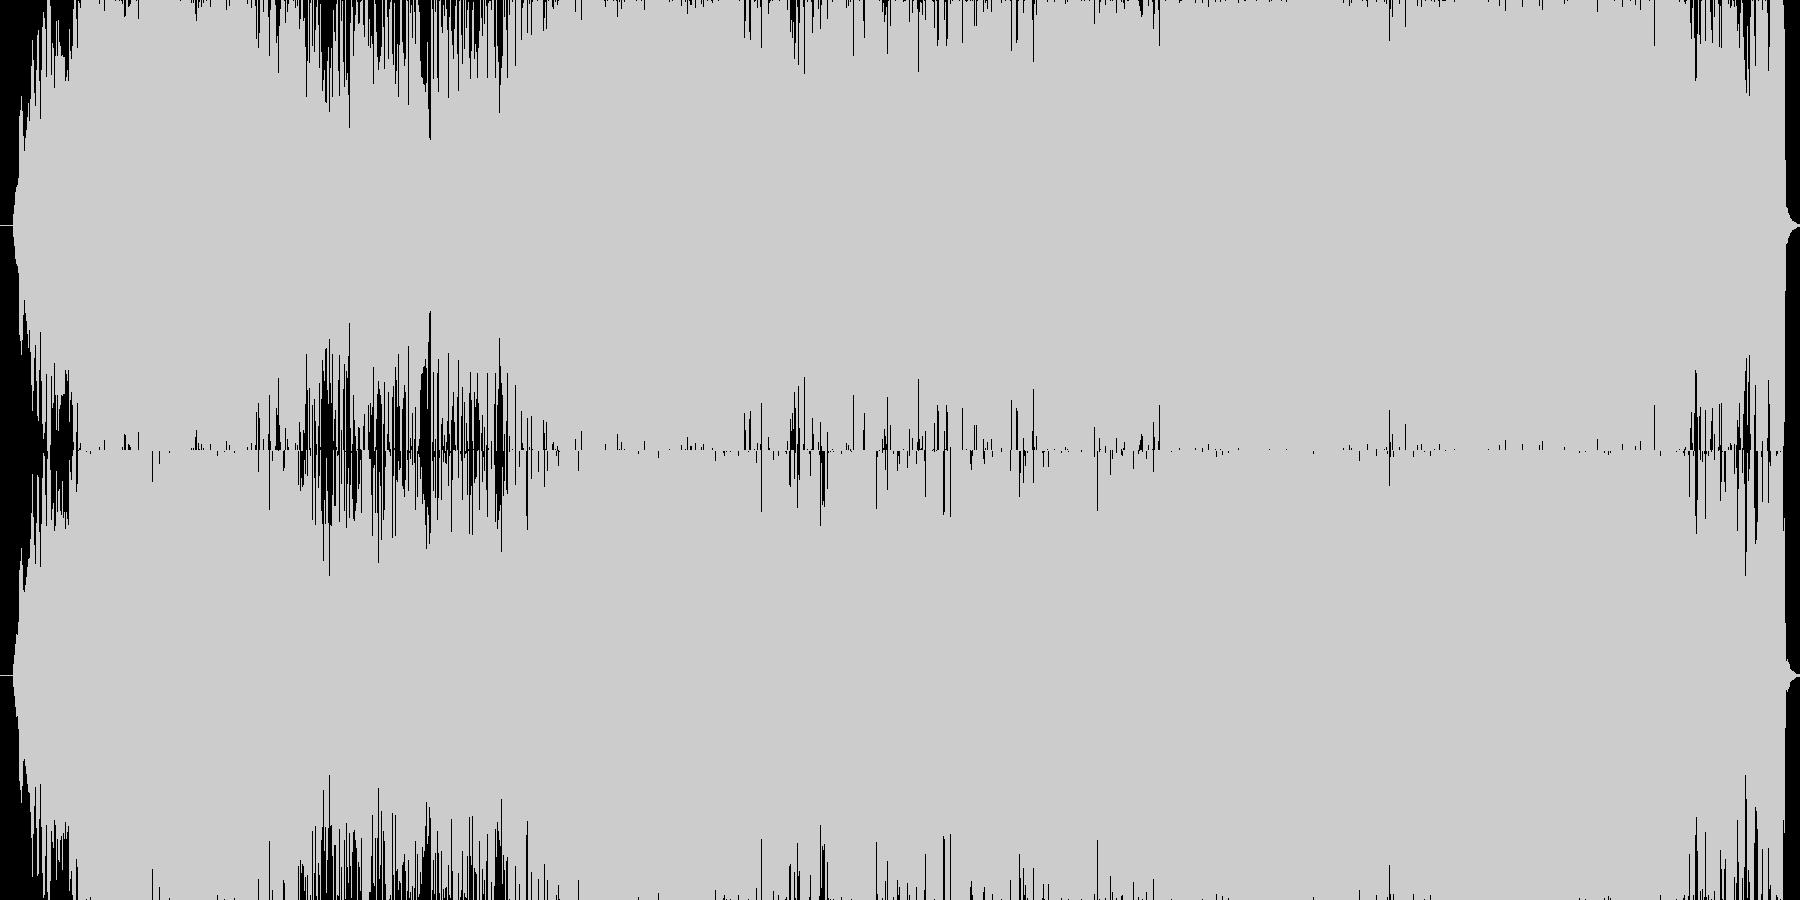 ダークなプログレビートです。の未再生の波形